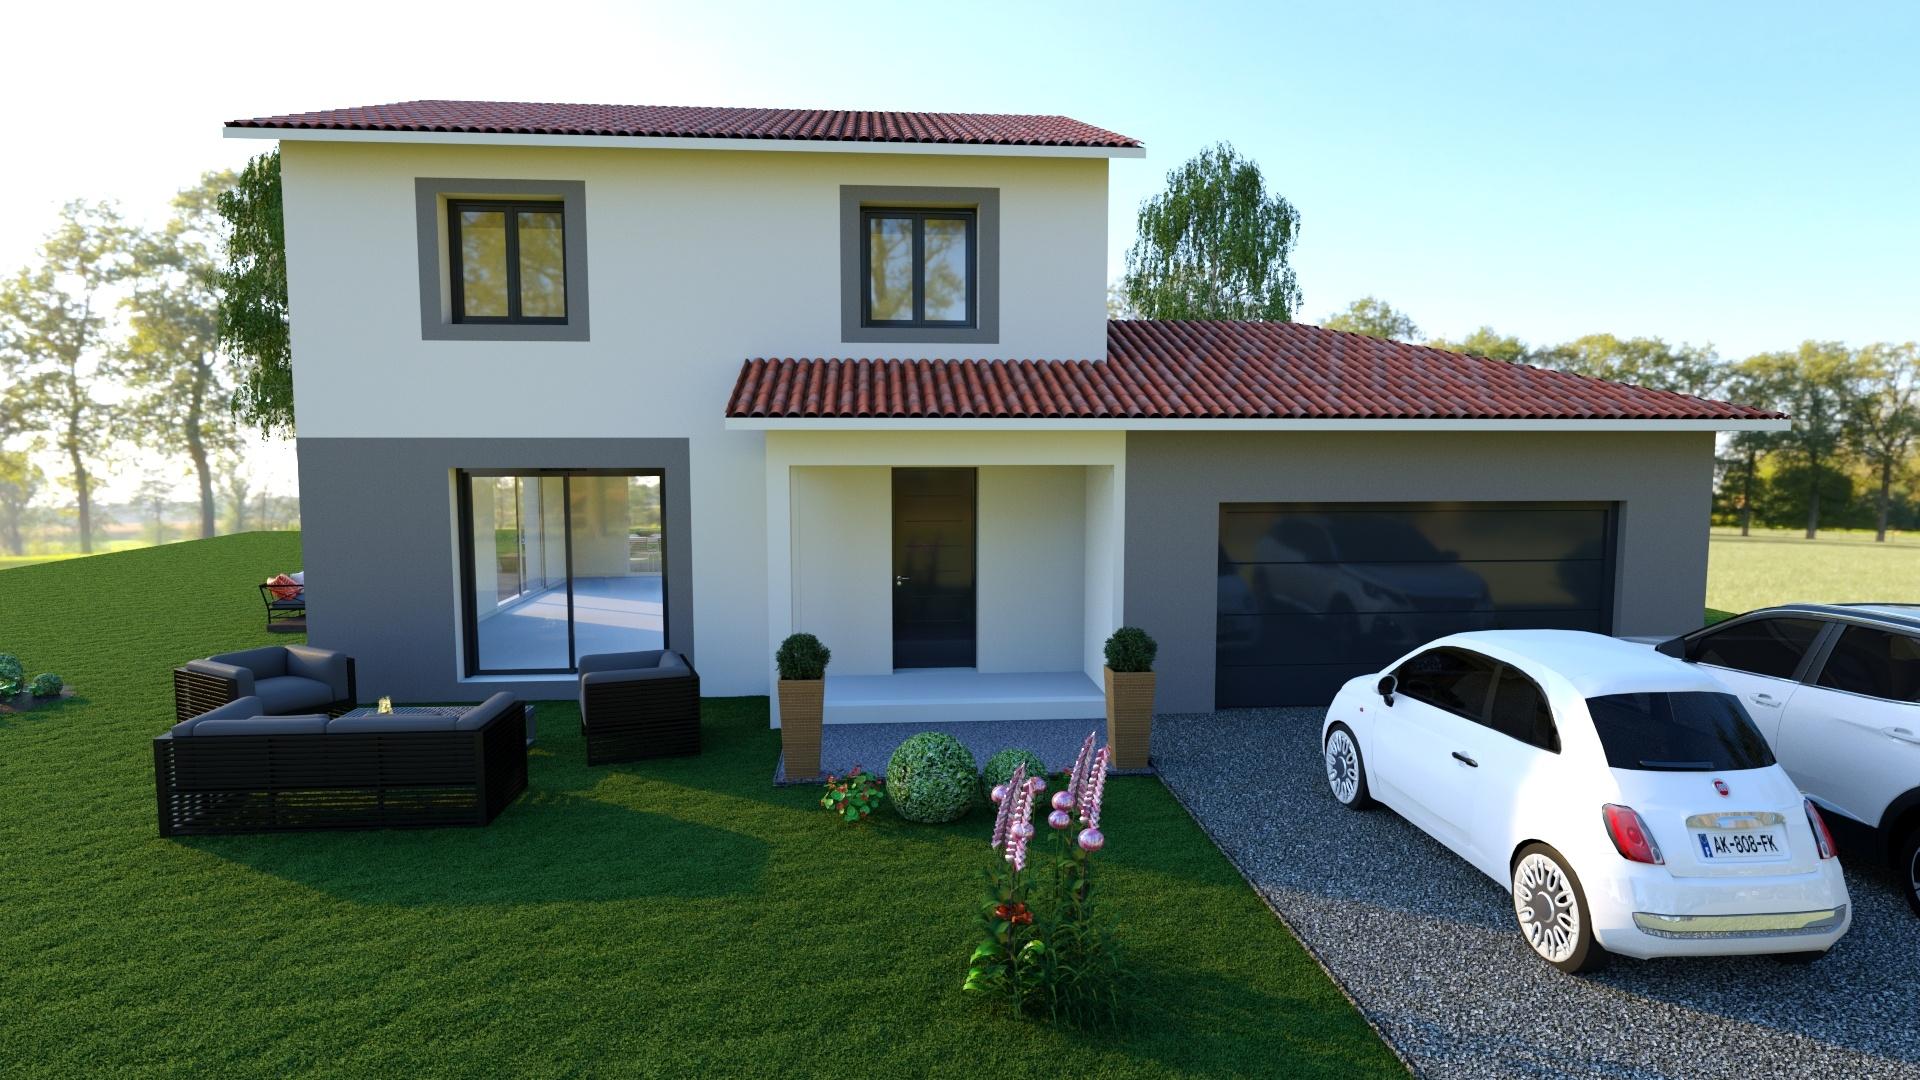 Maisons + Terrains du constructeur MAISONS PUNCH • 107 m² • ROZIER EN DONZY